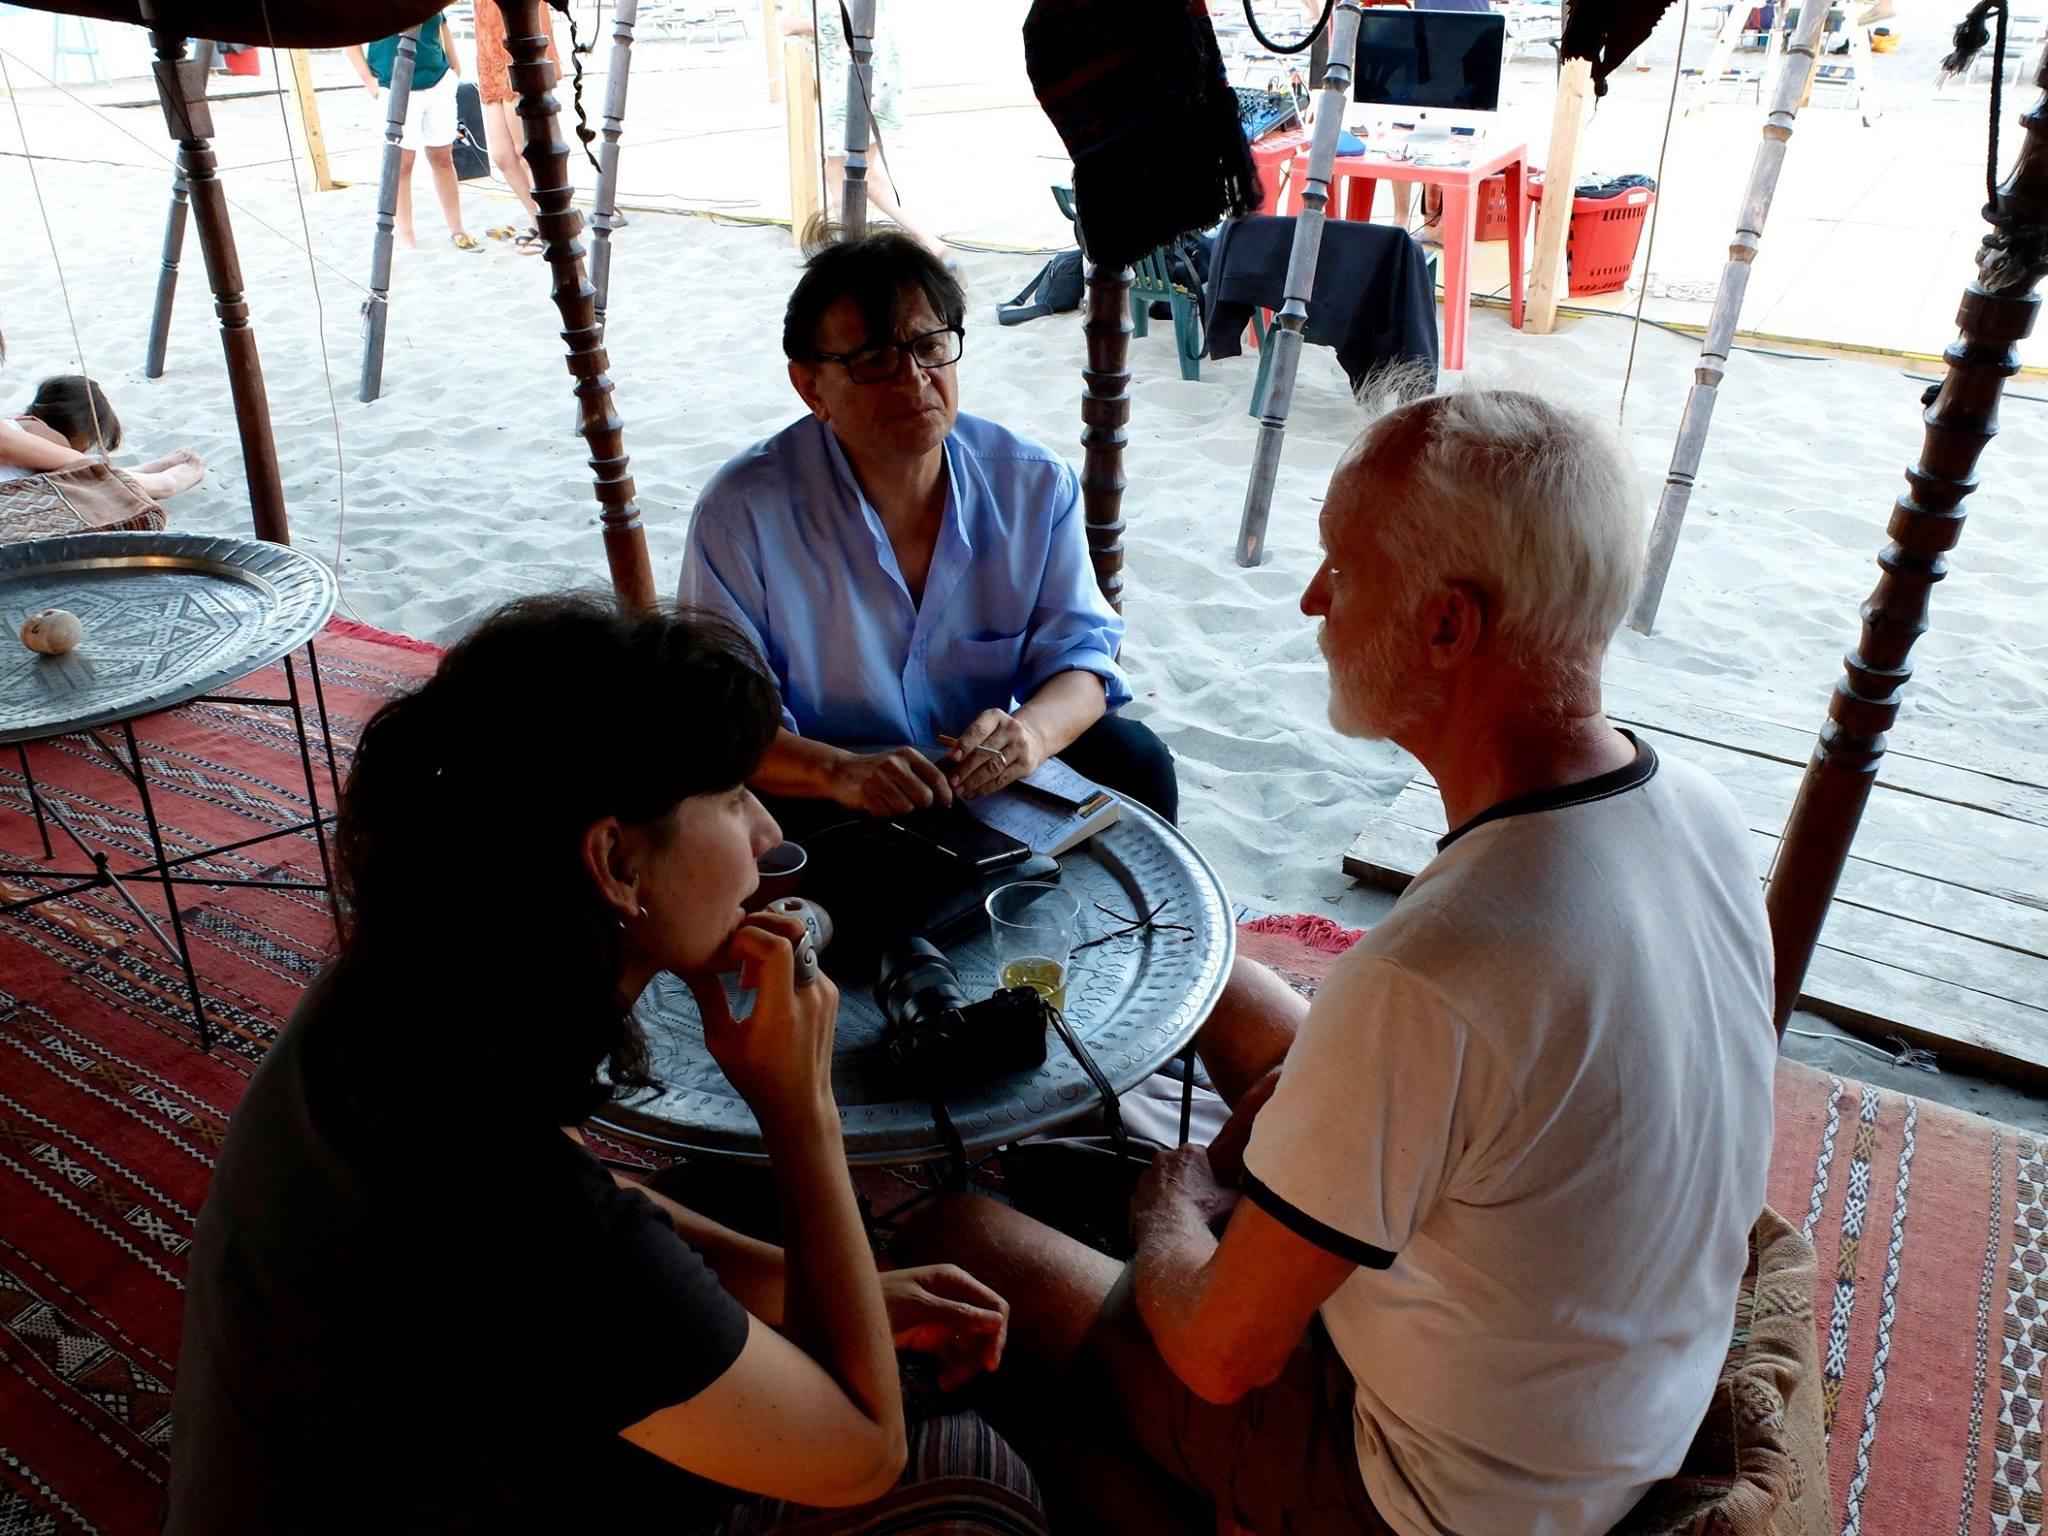 durante l'intervista a jon jost - foto di giuseppe tumino